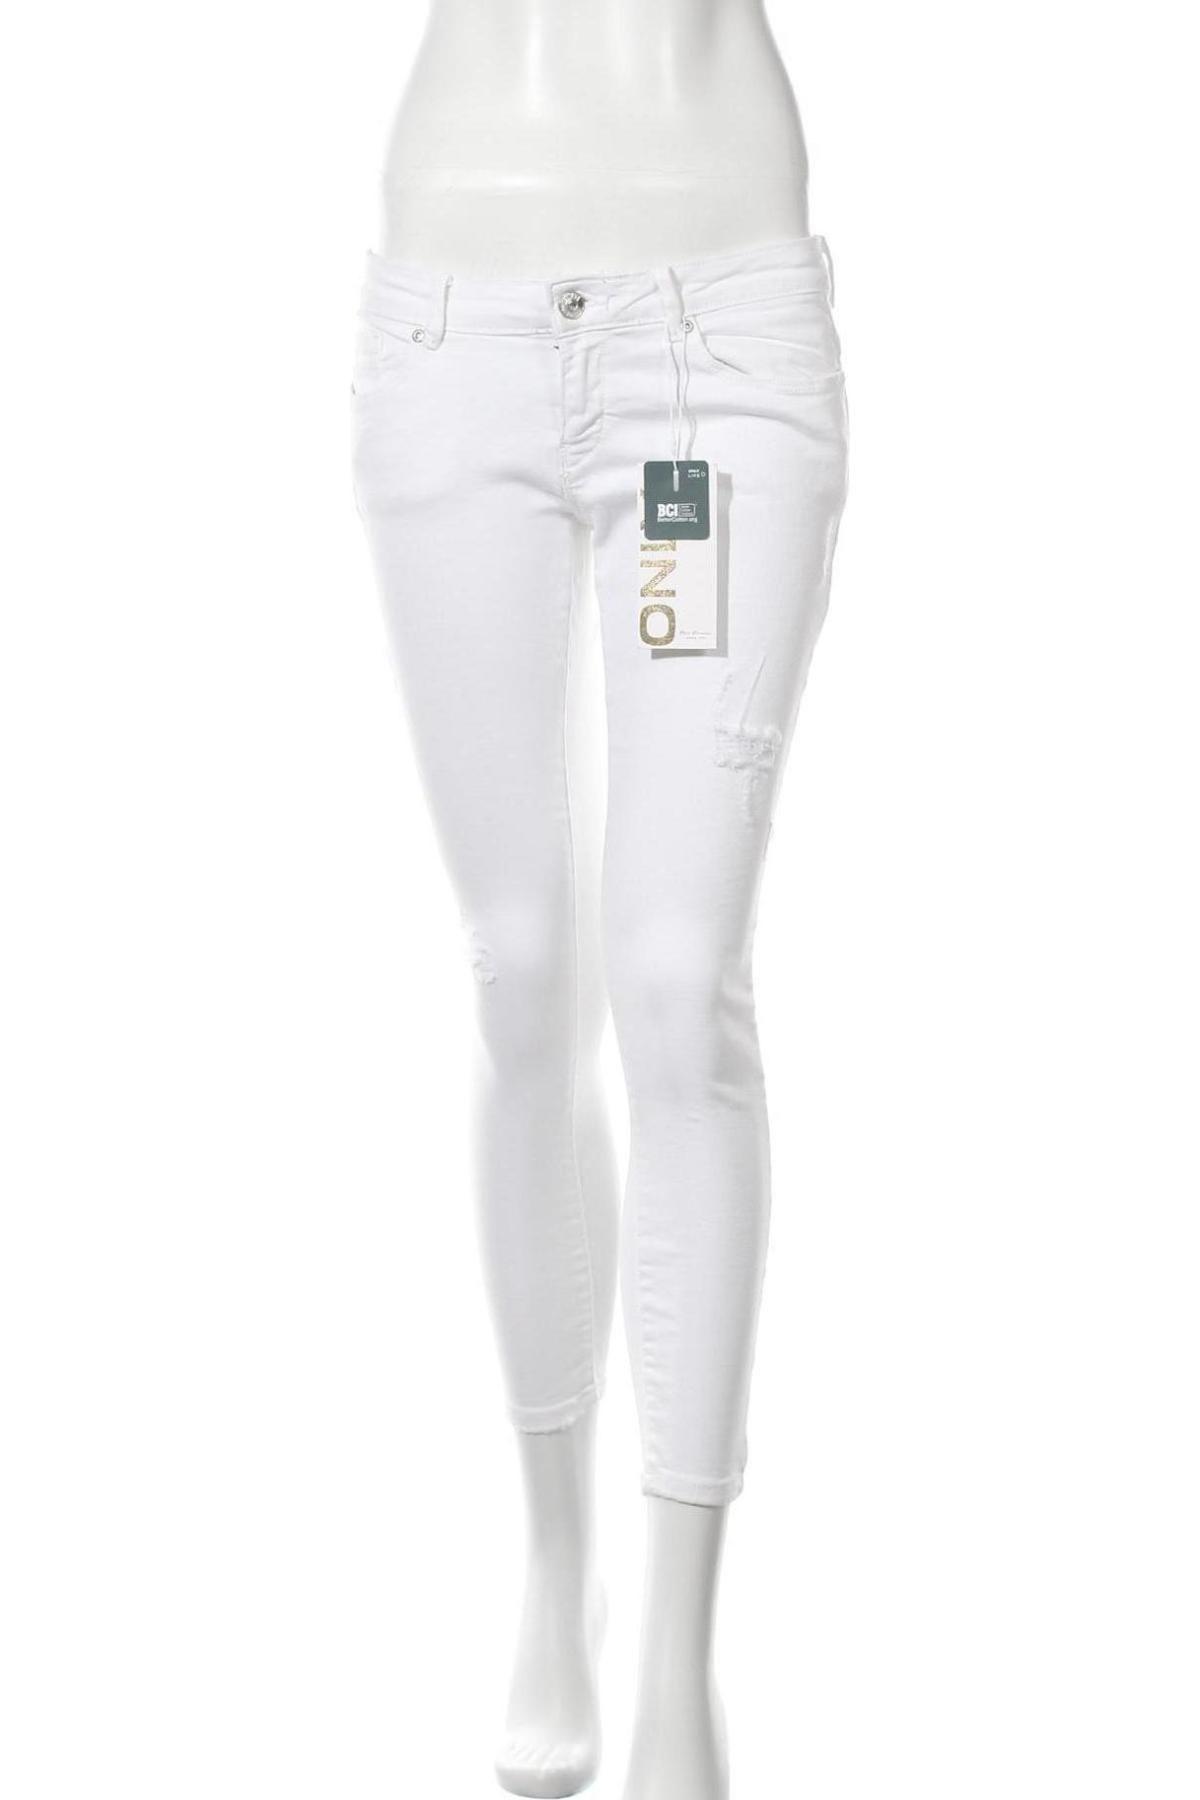 Дамски дънки ONLY, Размер L, Цвят Бял, 98% памук, 2% еластан, Цена 11,01лв.